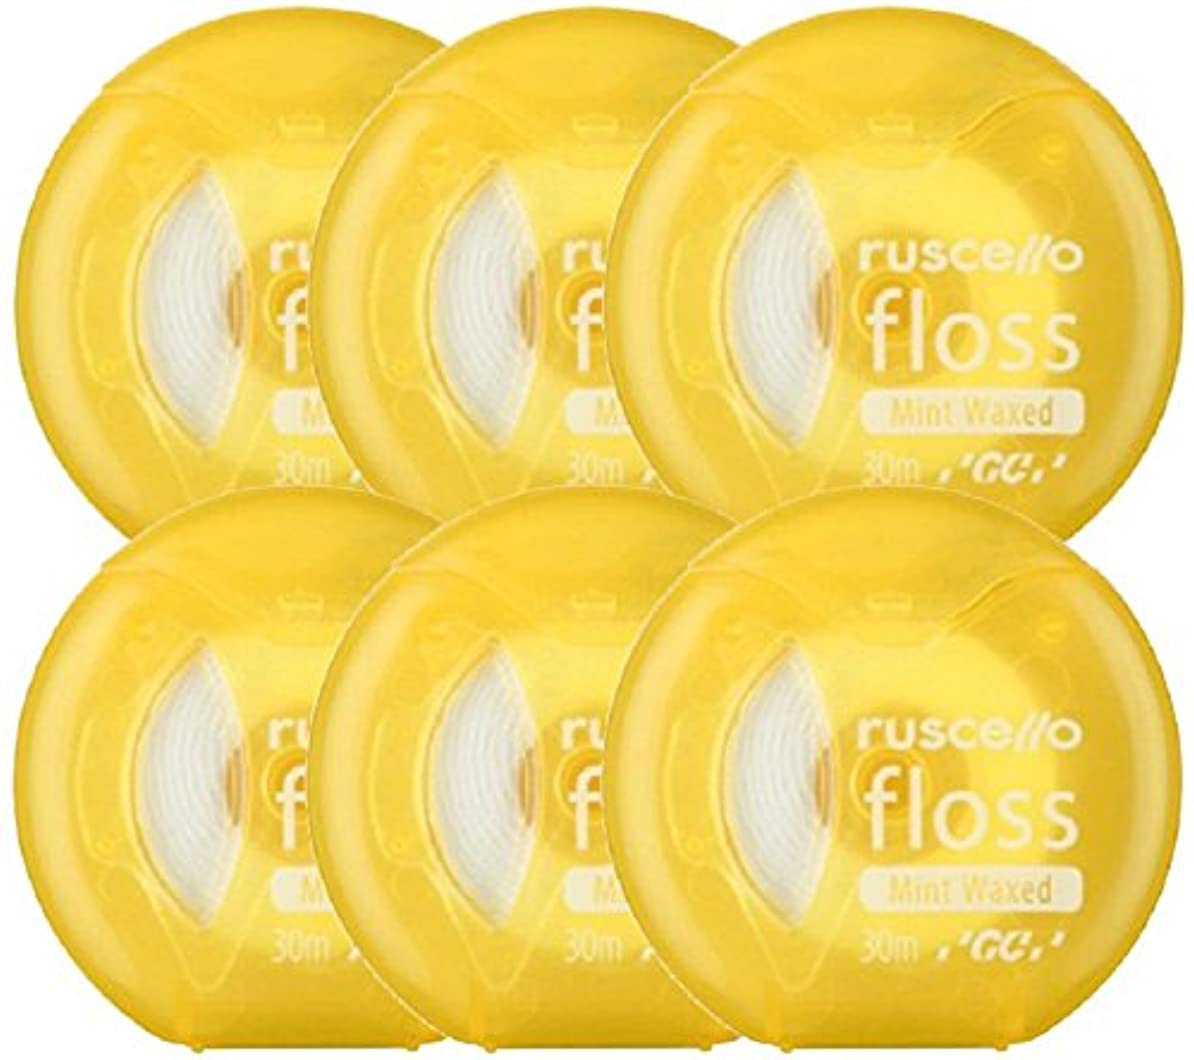 必要性ウナギメアリアンジョーンズジーシー(GC)歯科用ルシェロ フロス ミントワックス 6個 イエロー